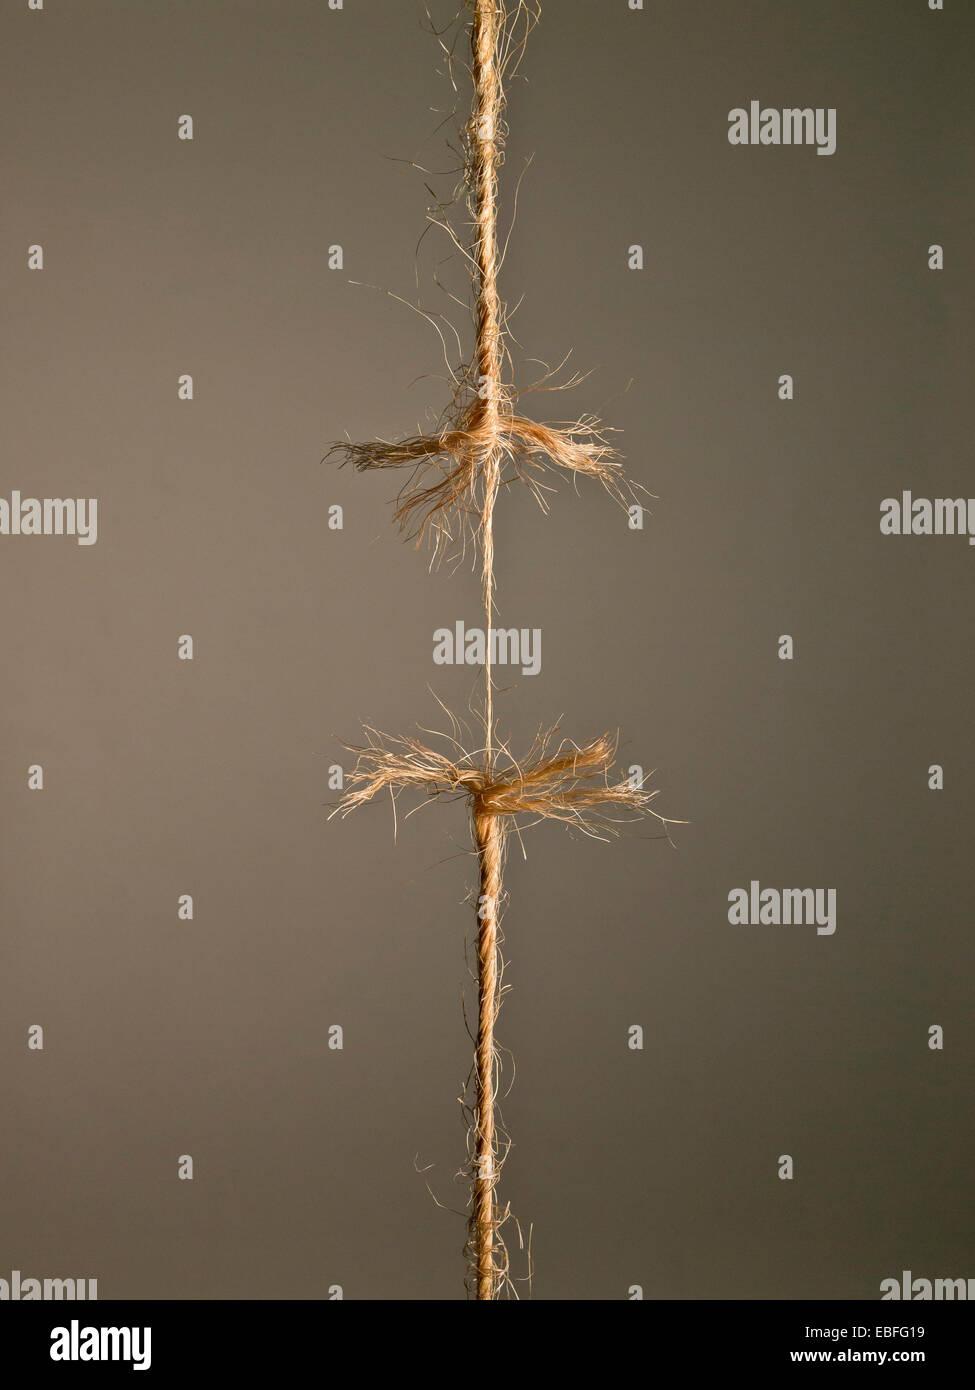 Sous la tension de la corde, le moment avant de se séparer sur fond brun Photo Stock